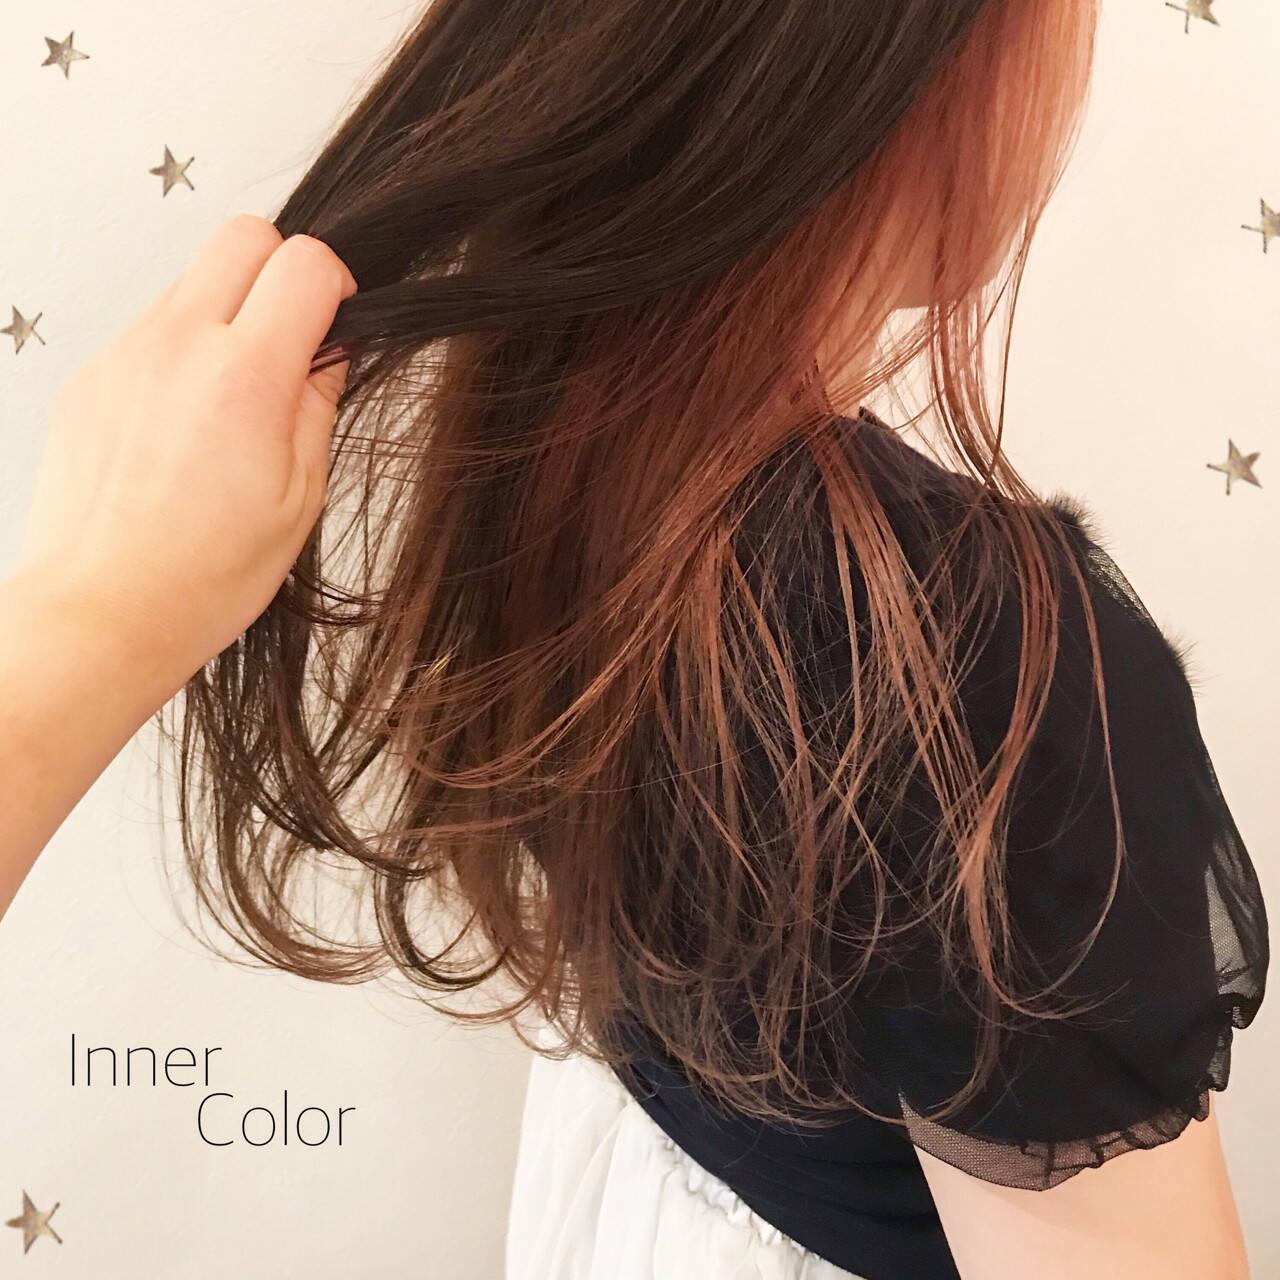 ピンク ロング こなれ感 インナーカラーヘアスタイルや髪型の写真・画像